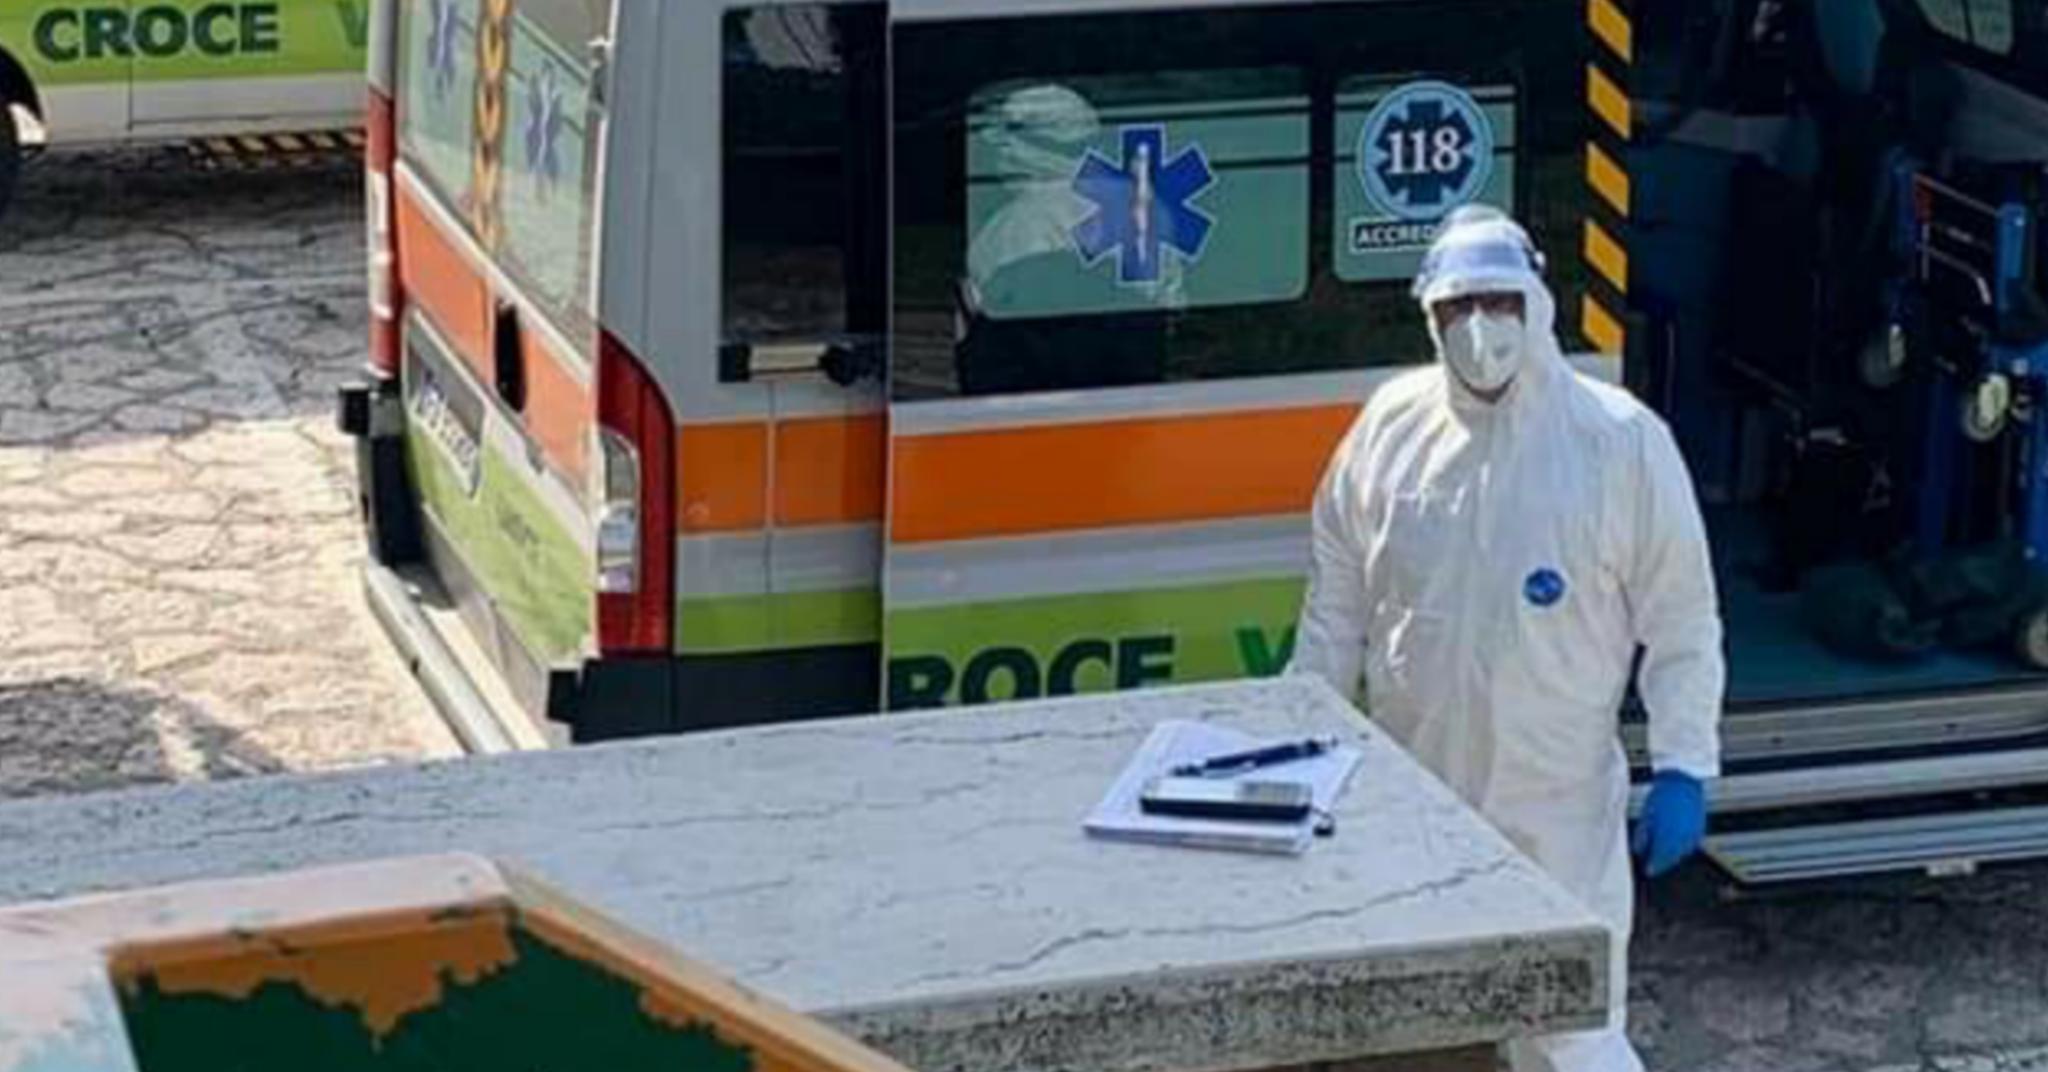 Verona, ladri rubano nell'ambulanza mentre i sanitari sono a